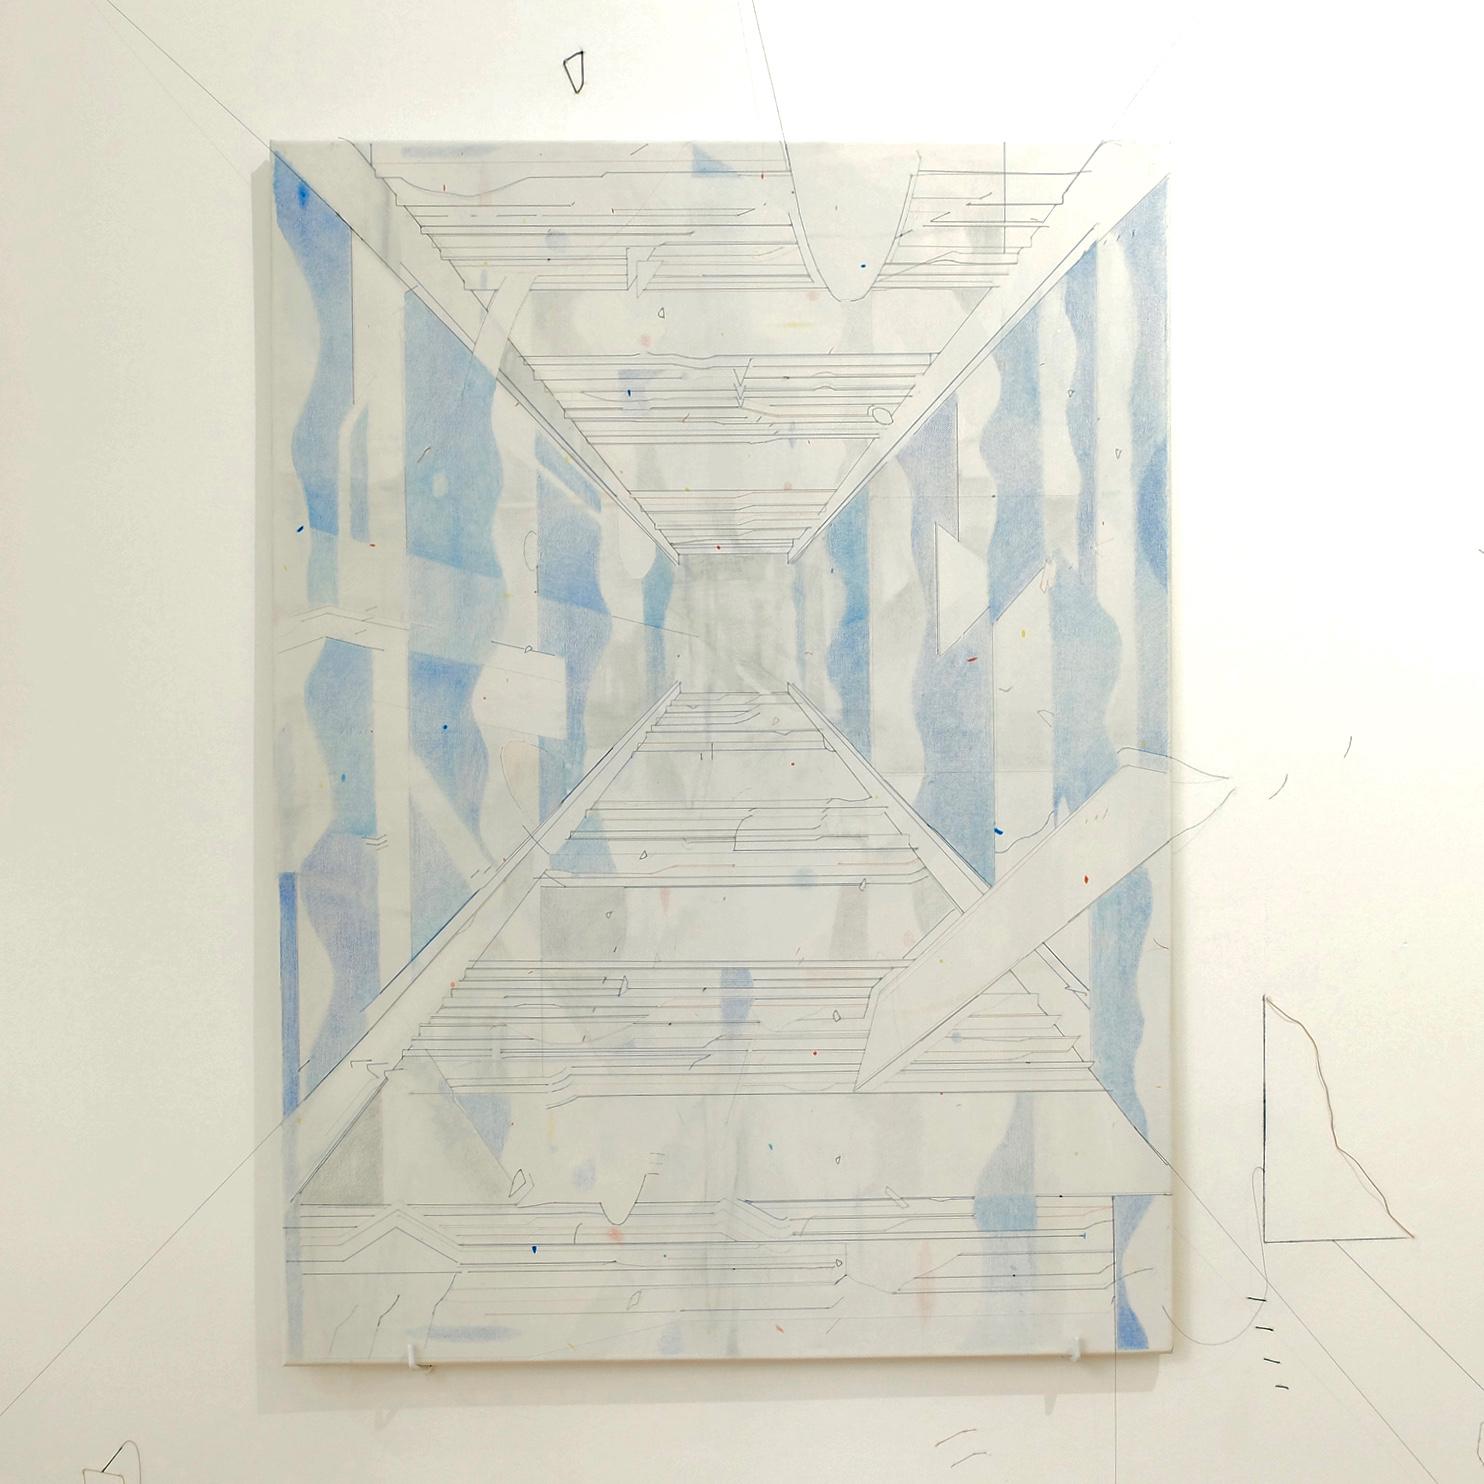 Keita Mori,  Bug Report (Potemkim stairs) , 2016. Fil de coton et fil de soie, acrylique, Caran d'Ache sur toile, 100 cm x 70 cm